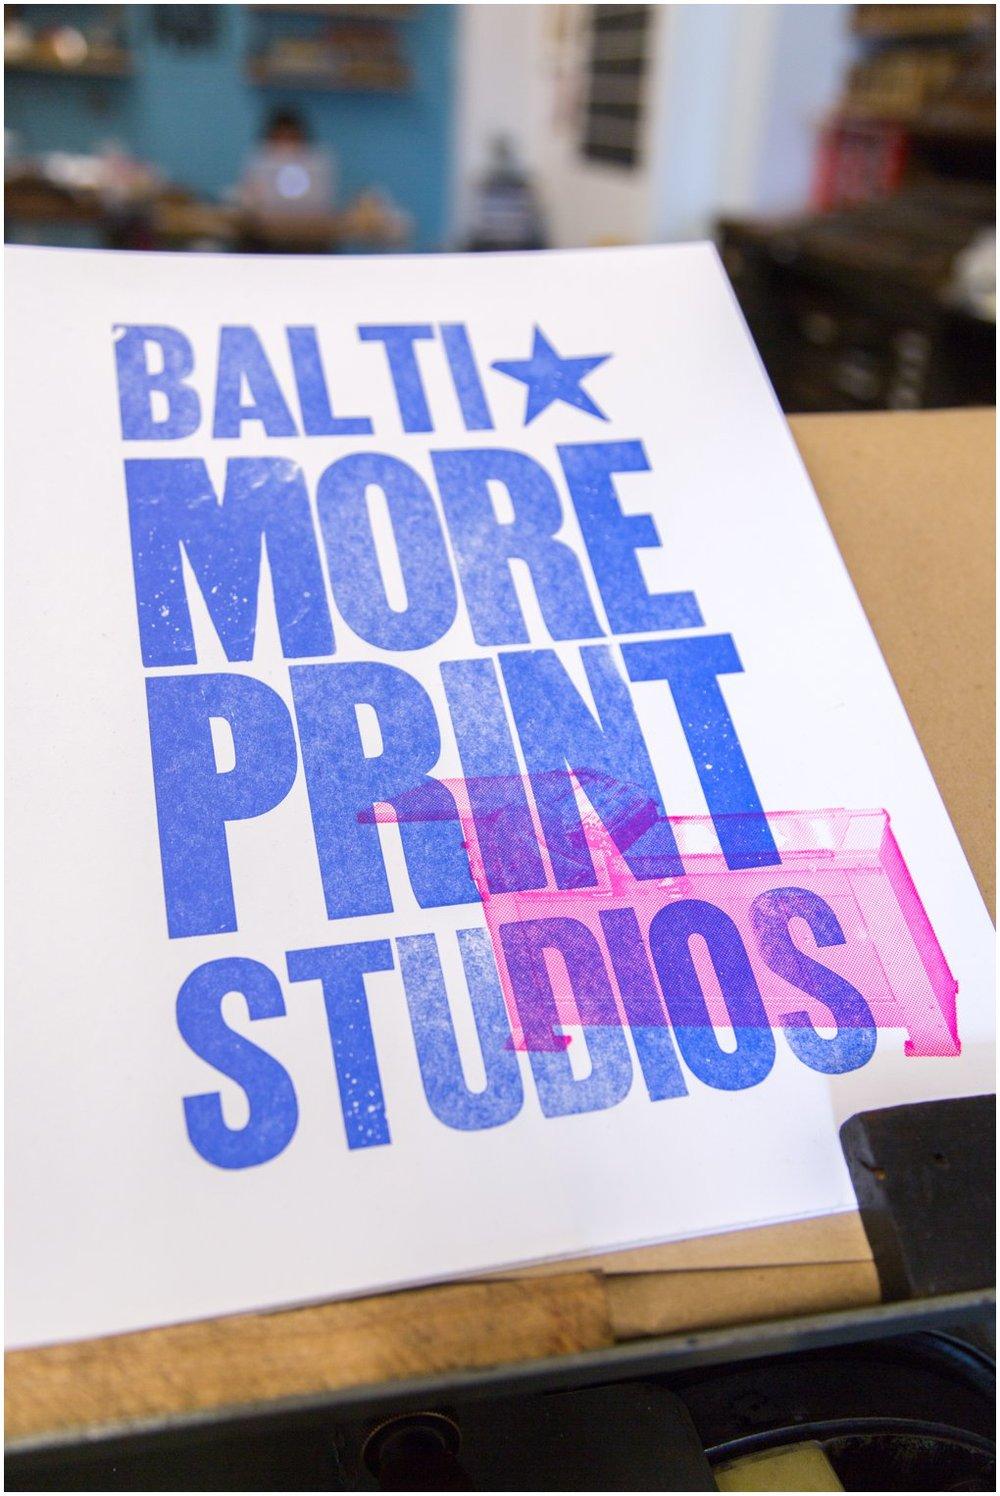 We love you Baltimore Print Studios!!